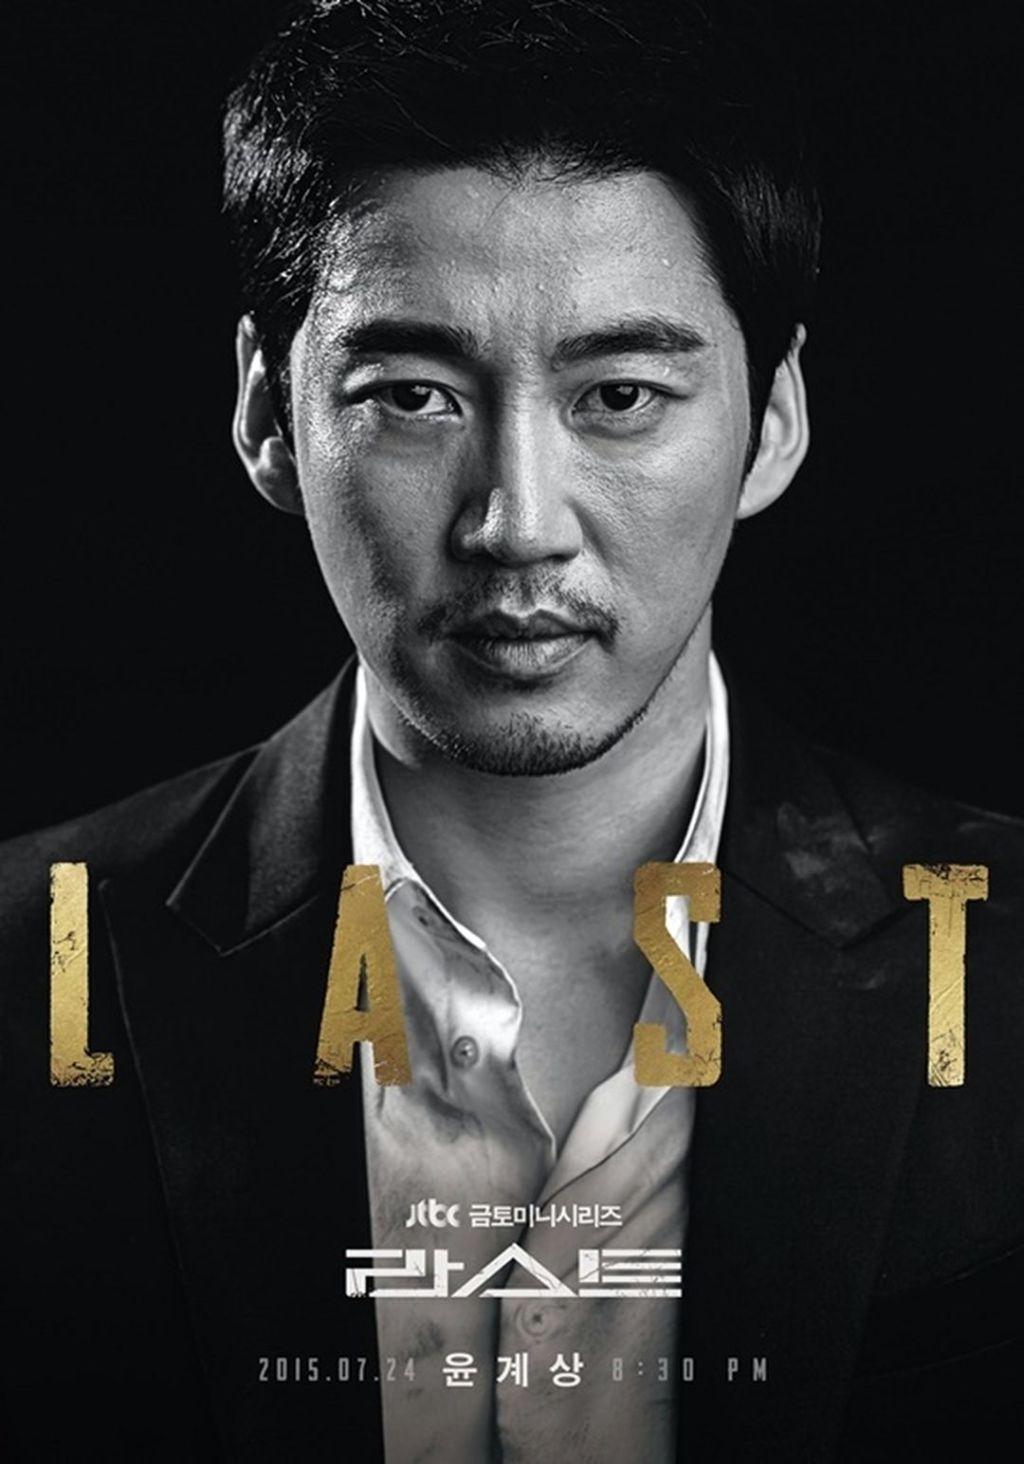 Sinopsis Dan Profil Lengkap Pemeran K-Drama Last (2015)